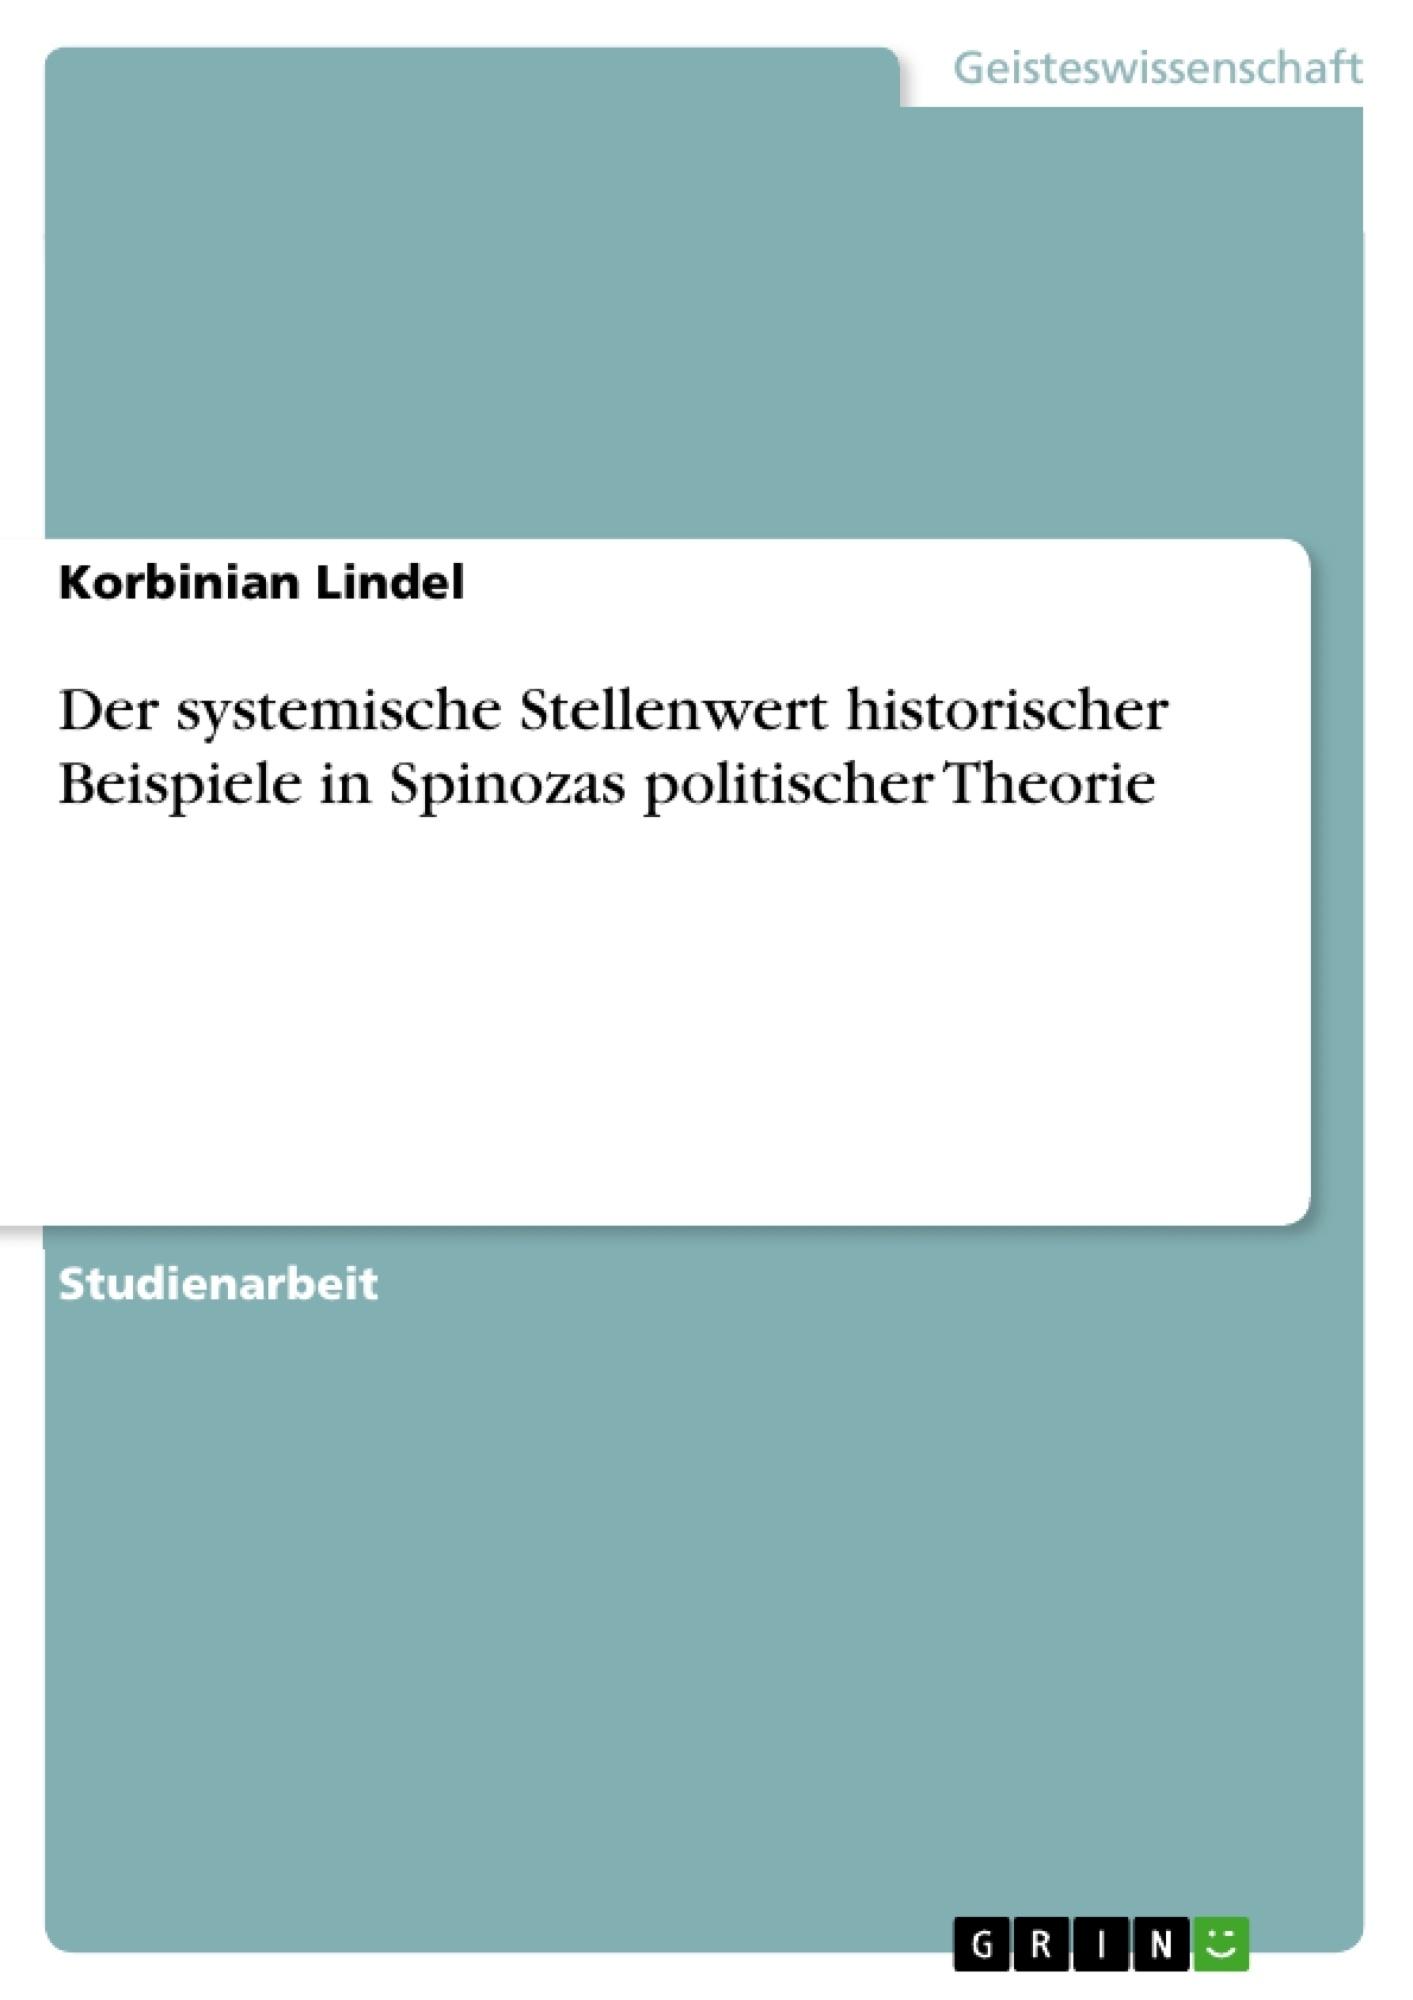 Titel: Der systemische Stellenwert historischer Beispiele in Spinozas politischer Theorie